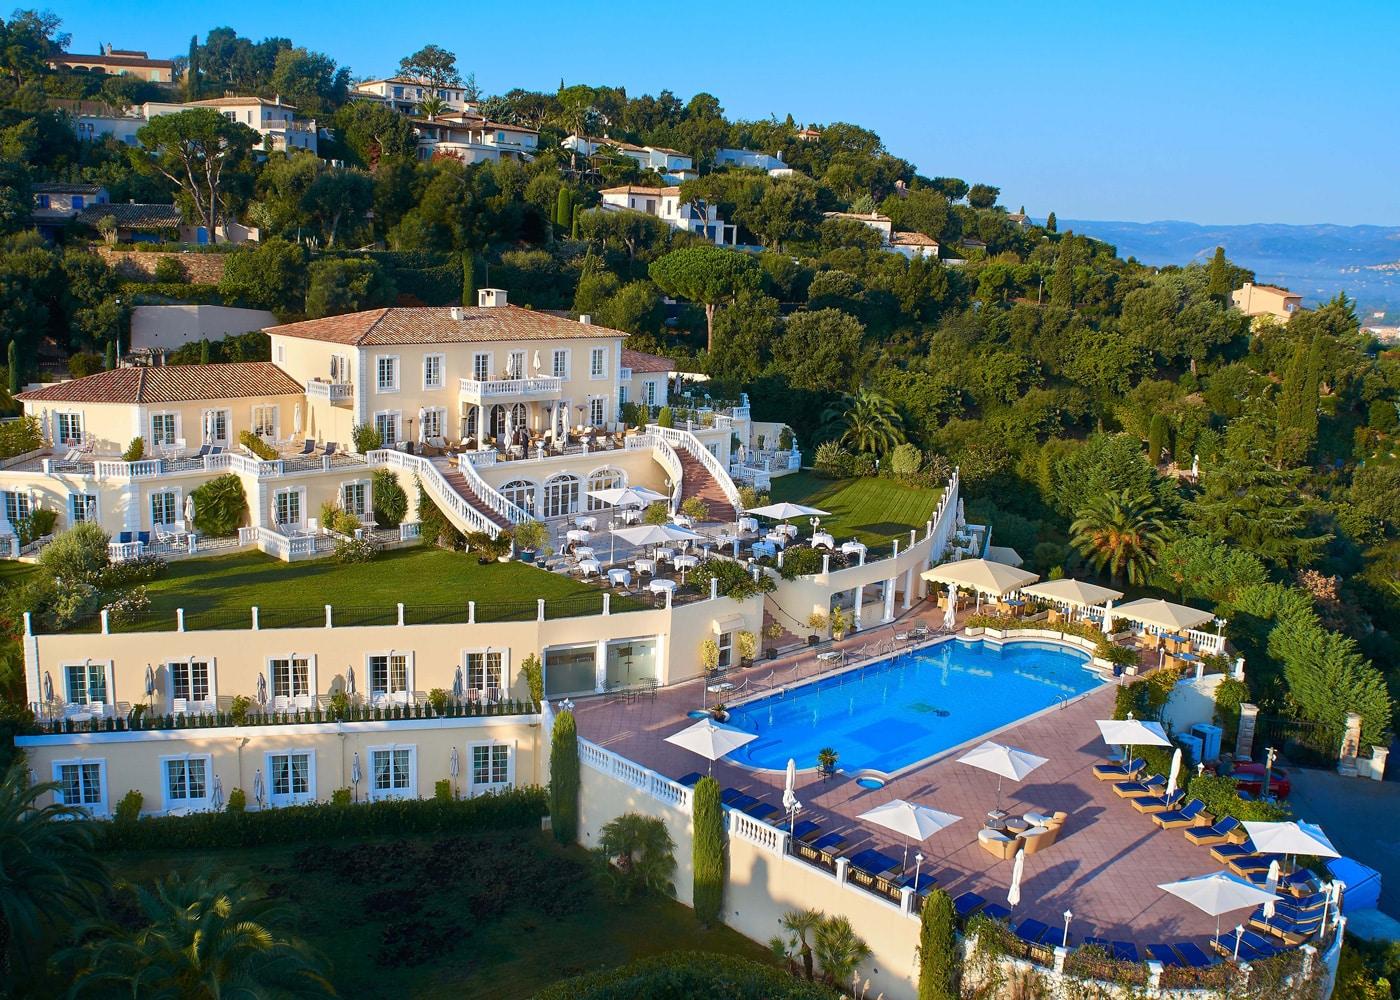 hotels-confinez-moi-ici-#4-mcmd-villa-belrose-vue-ensemble-saint-tropez